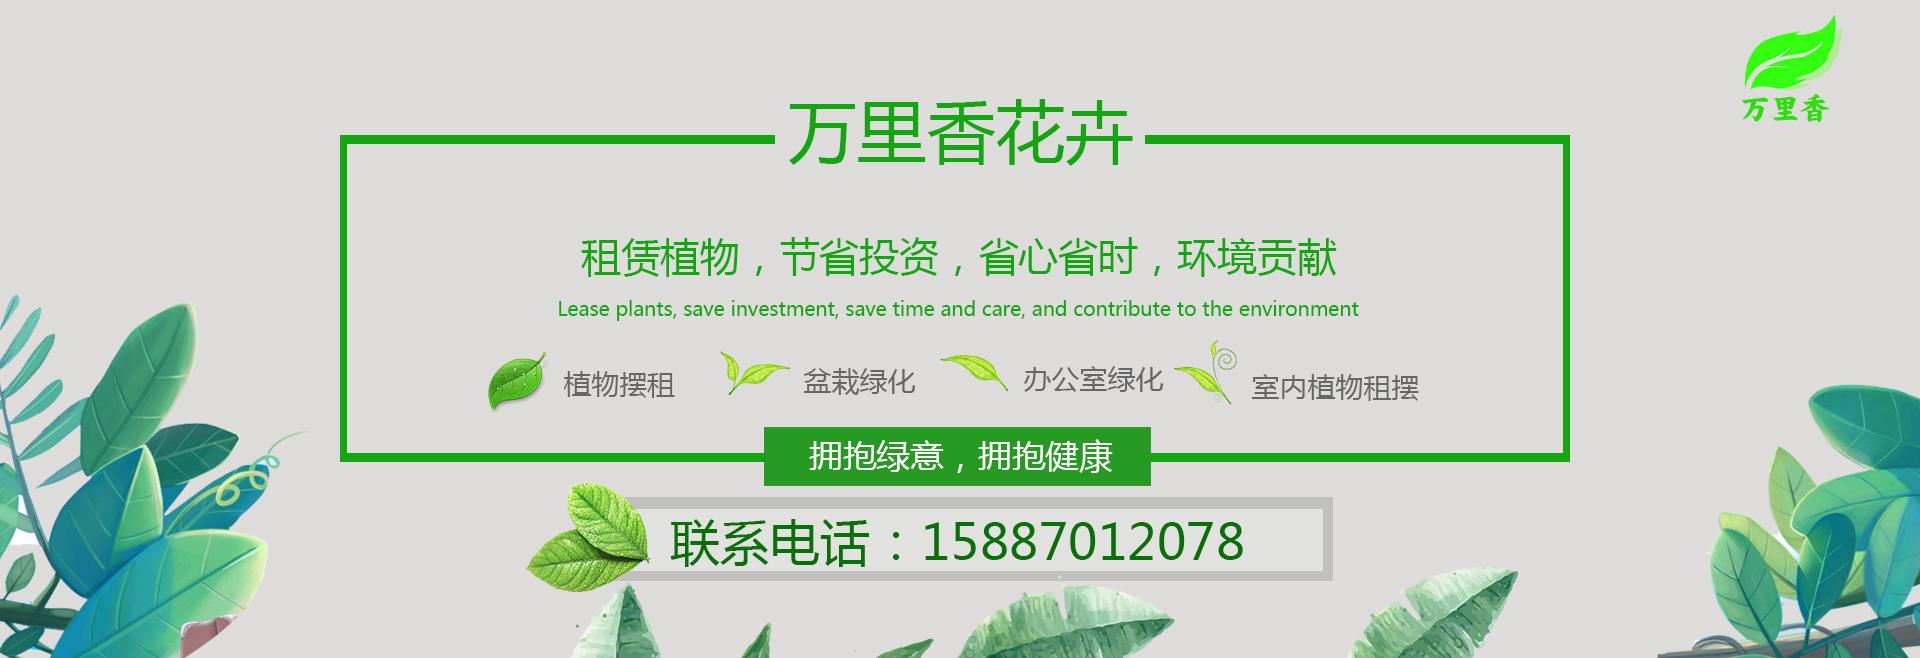 昆明绿植租赁公司